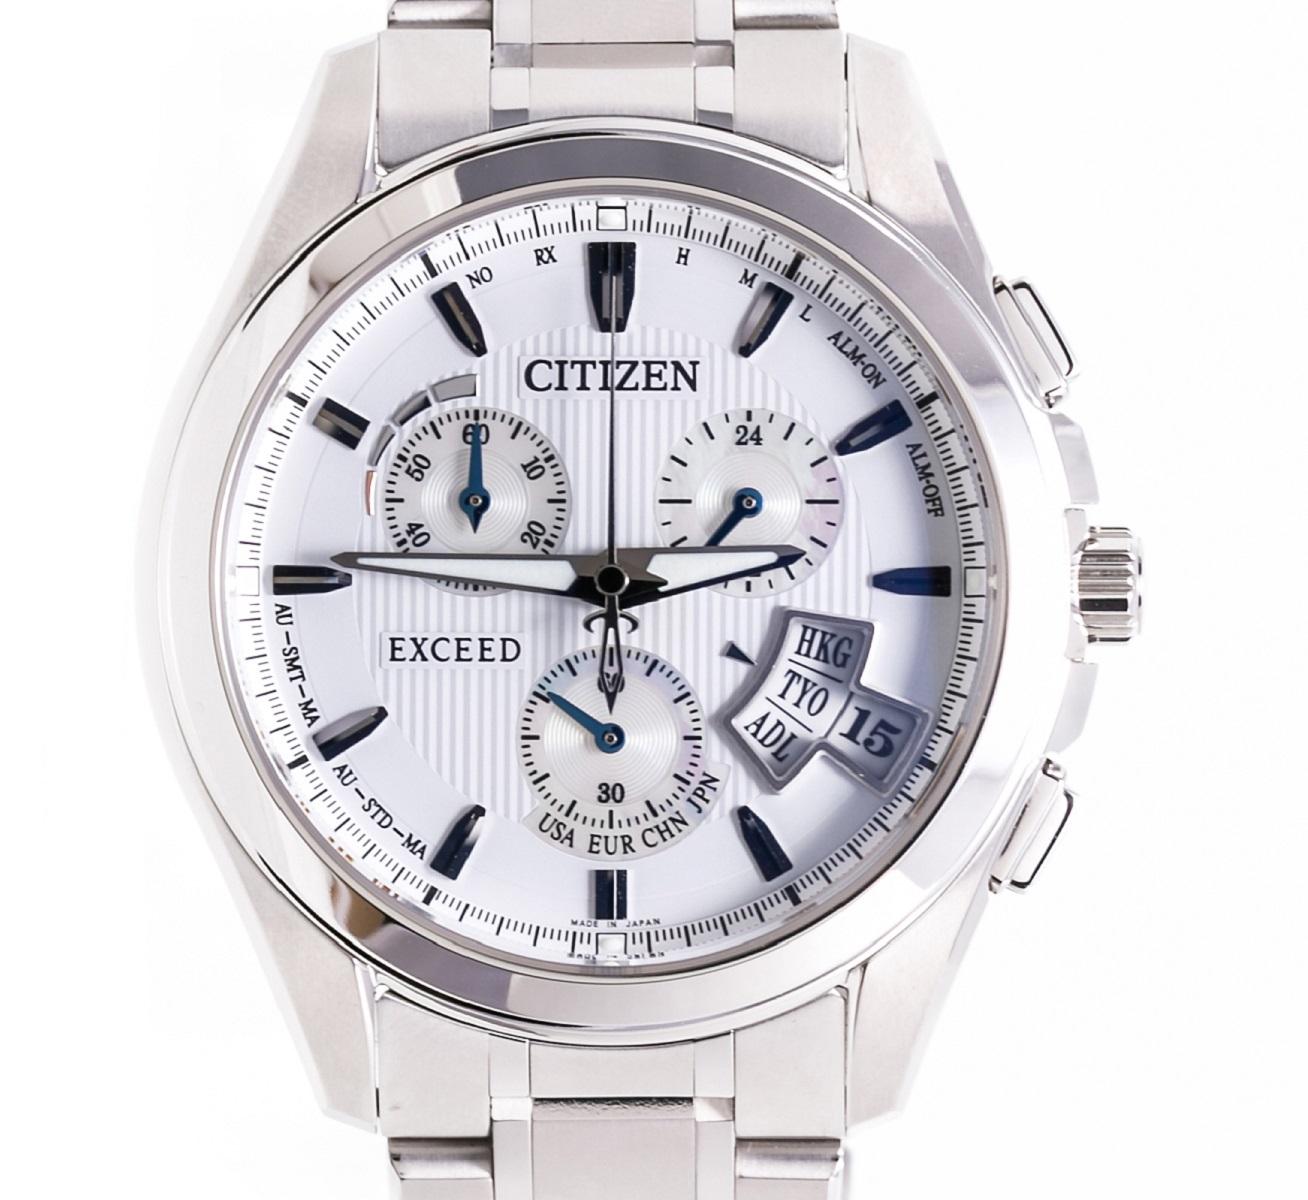 CITIZEN シチズン エクシードエコドライブ EBS74-5101  ソーラークォーツ 保証書 専用箱 2010年 メンズ 腕時計【中古】【トレジャースポット】